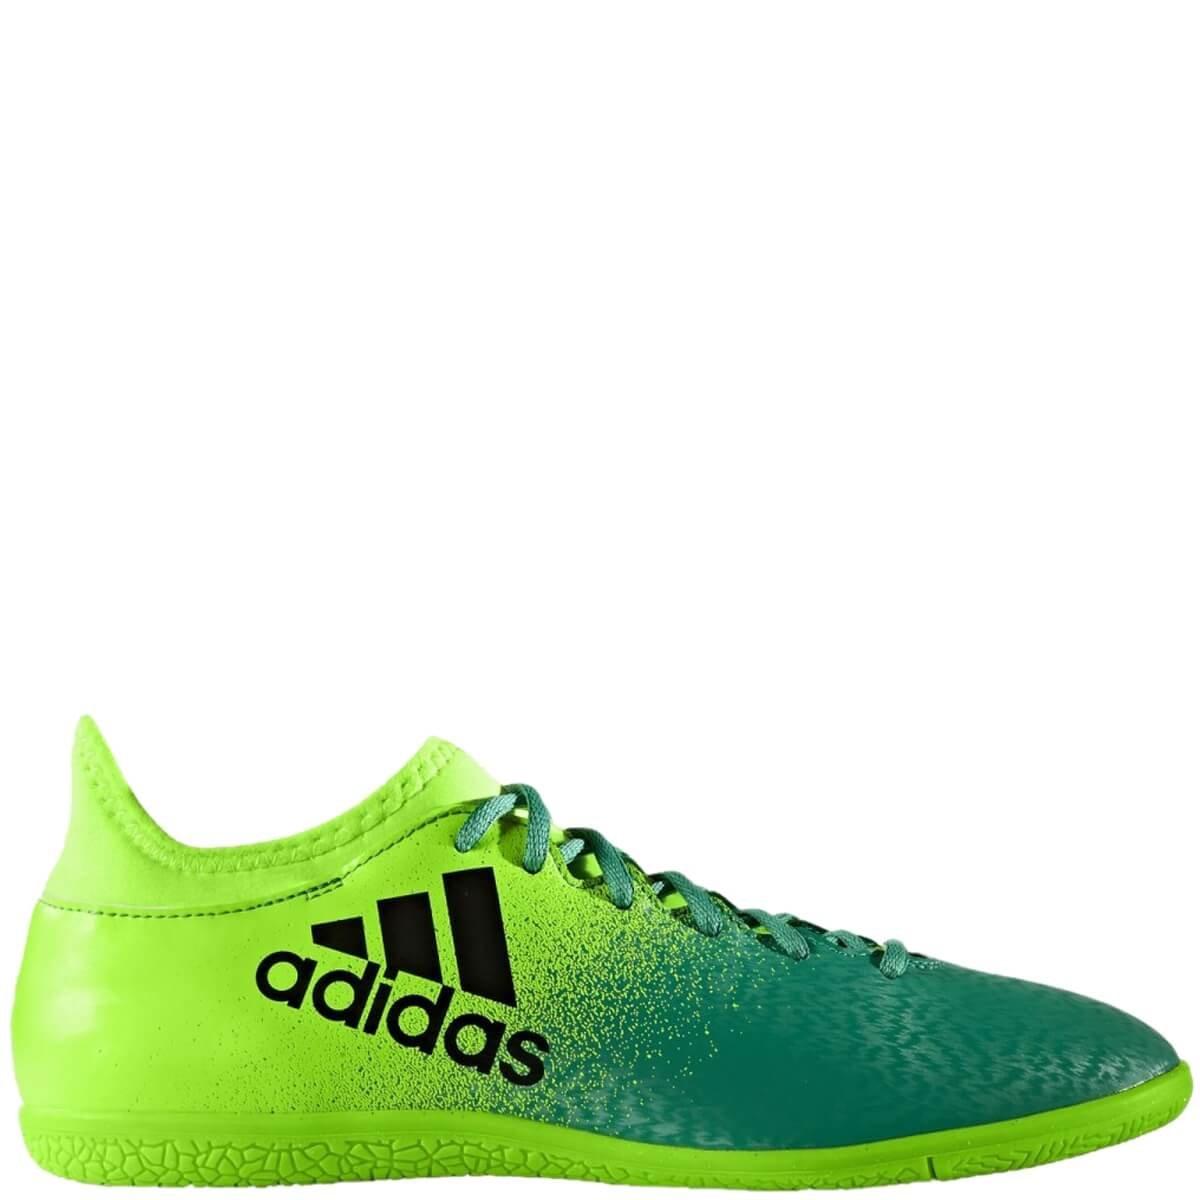 d0f9976074e7a Bizz Store - Chuteira Masculina Futsal Adidas X 16.3 IN